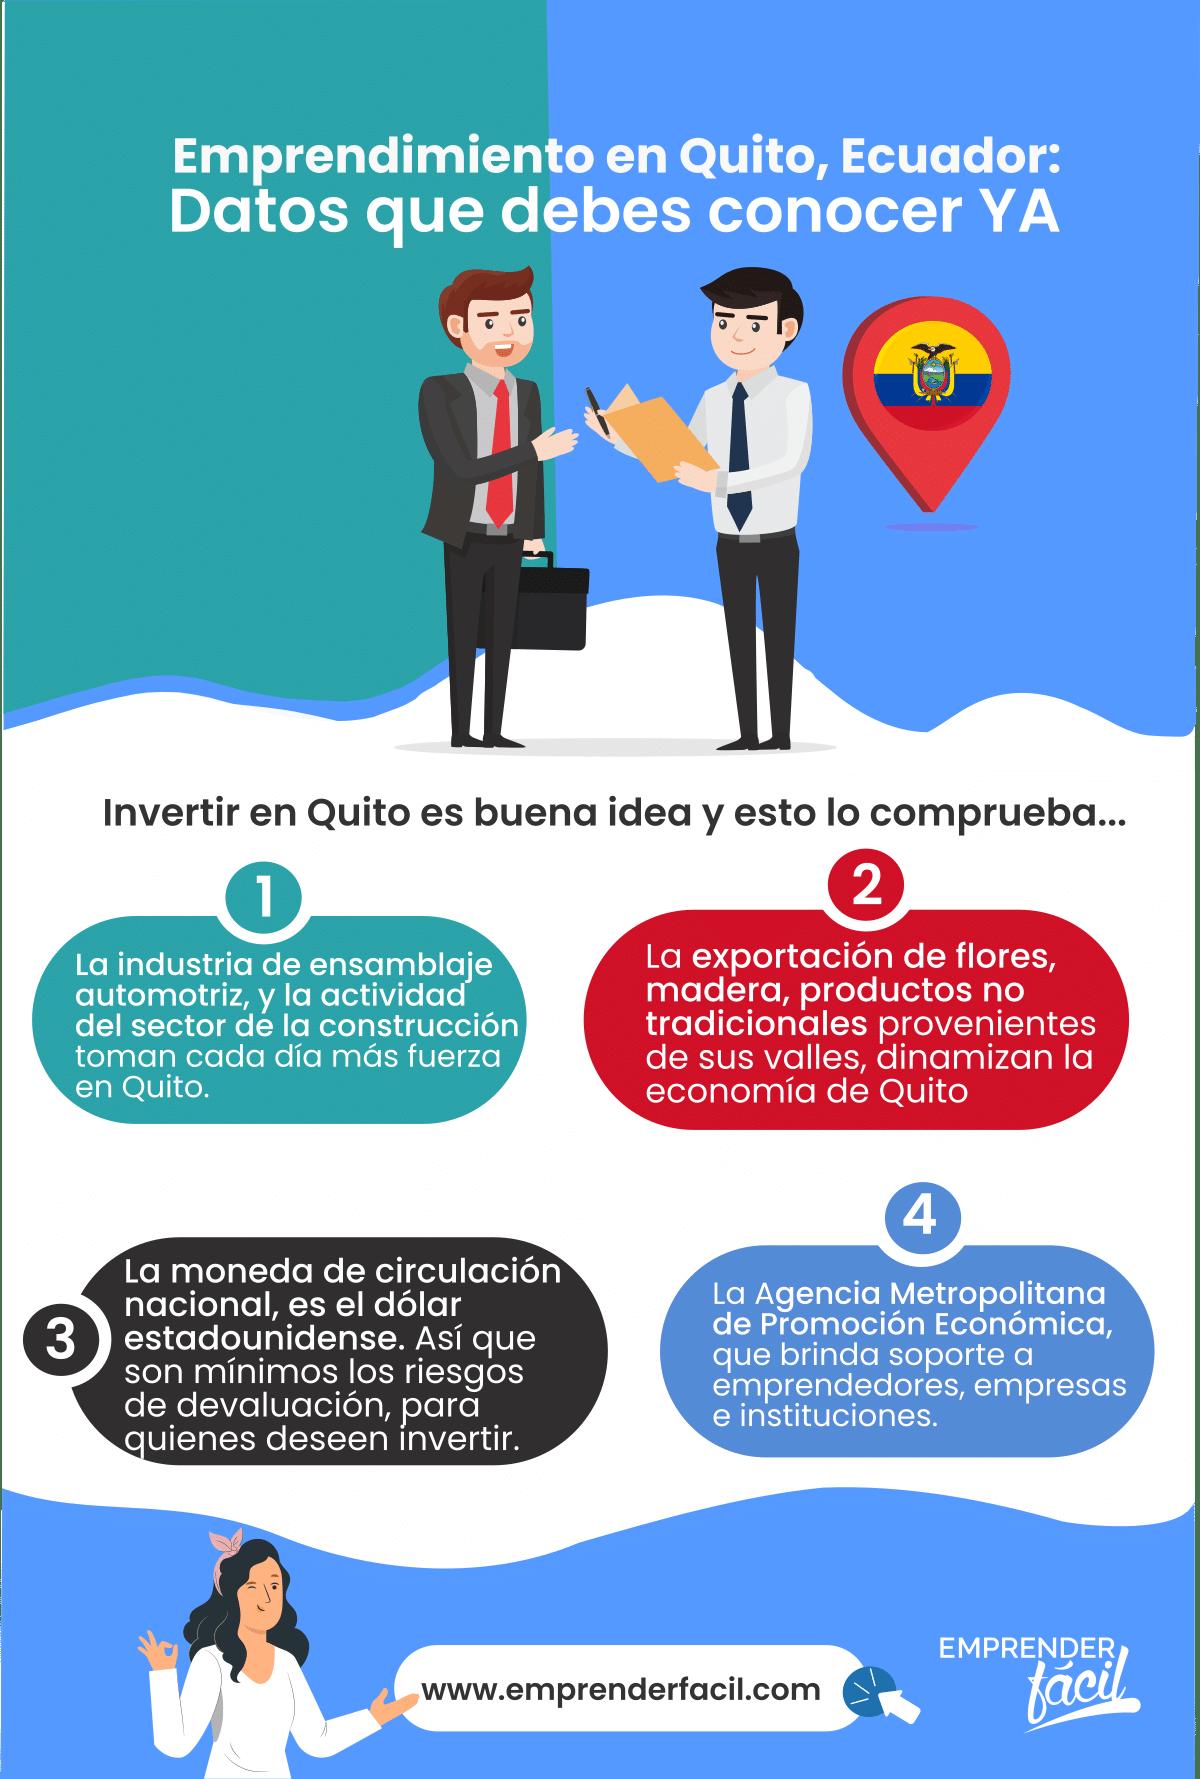 El emprendimiento en Quito, Ecuador se encuentra en un excelente momento